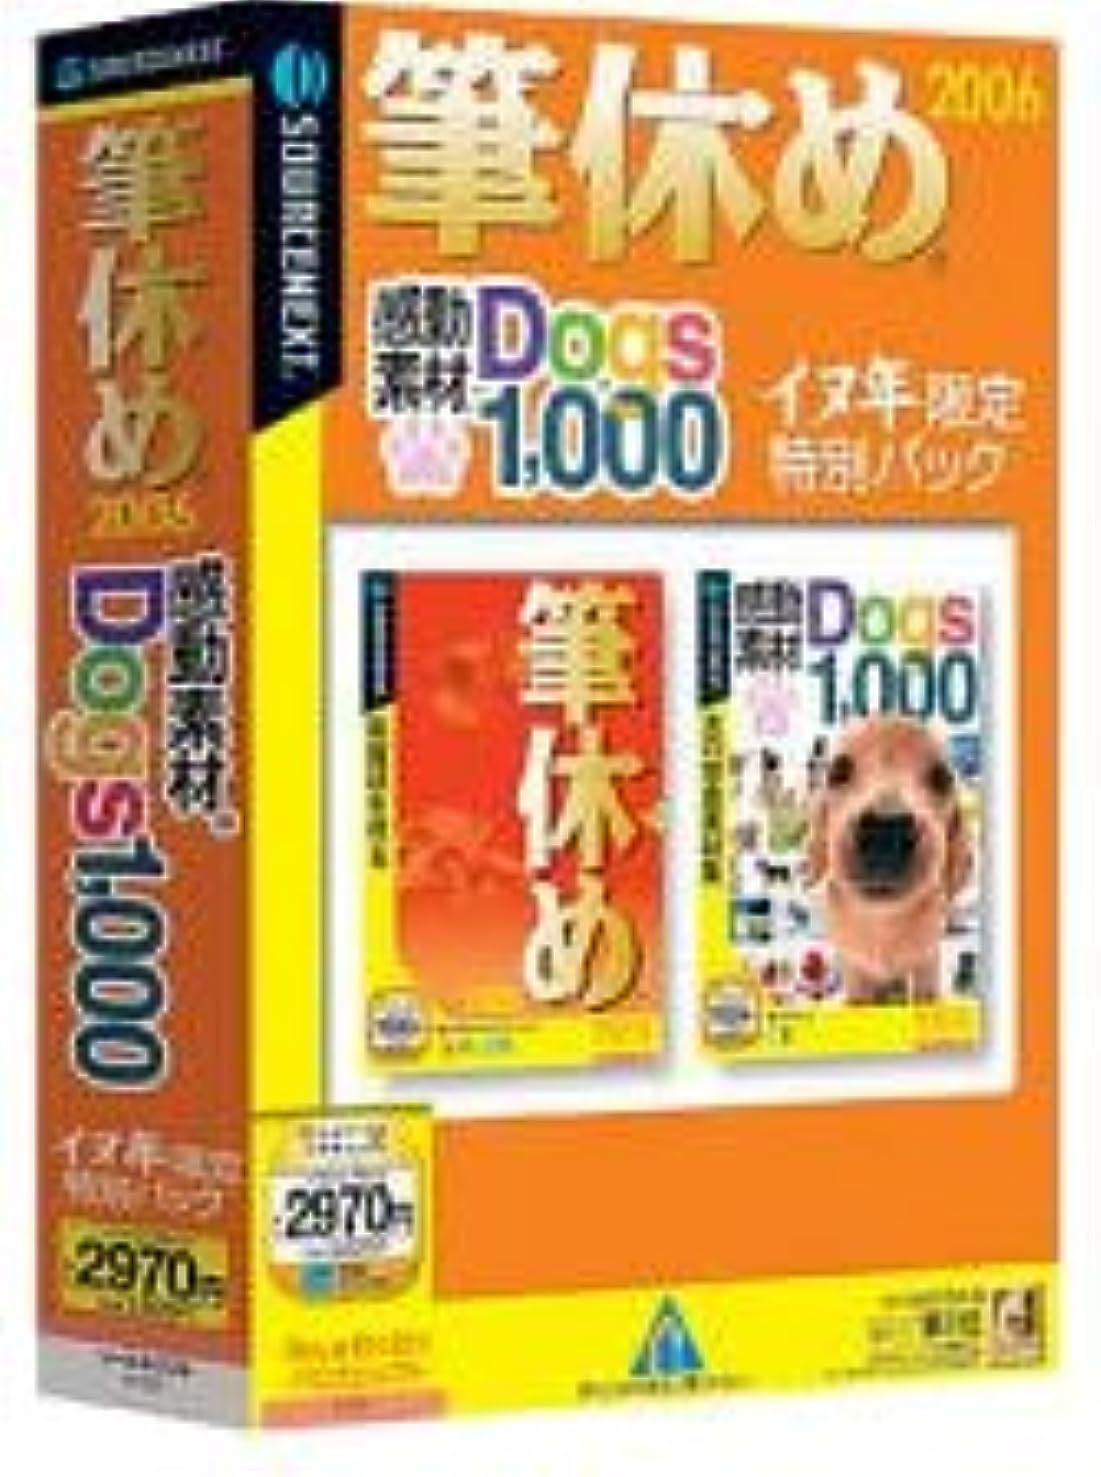 予知姉妹素晴らしいです筆休め 2006 & 感動素材 Dogs1000 イヌ年限定特別パック (説明扉付辞書ケース版)